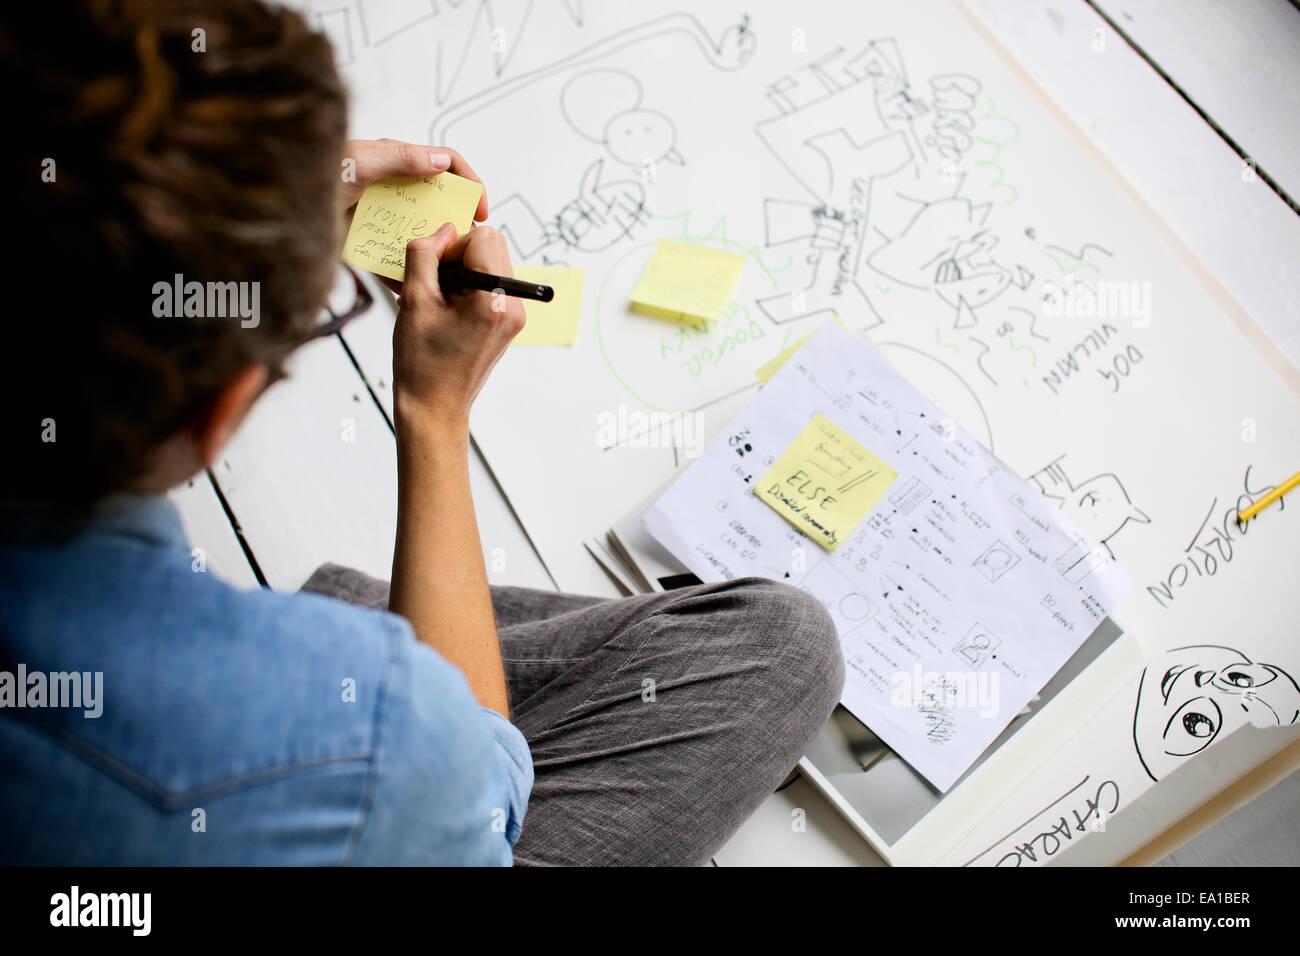 Designer graphique produisant des idées créatives sur marbre Banque D'Images